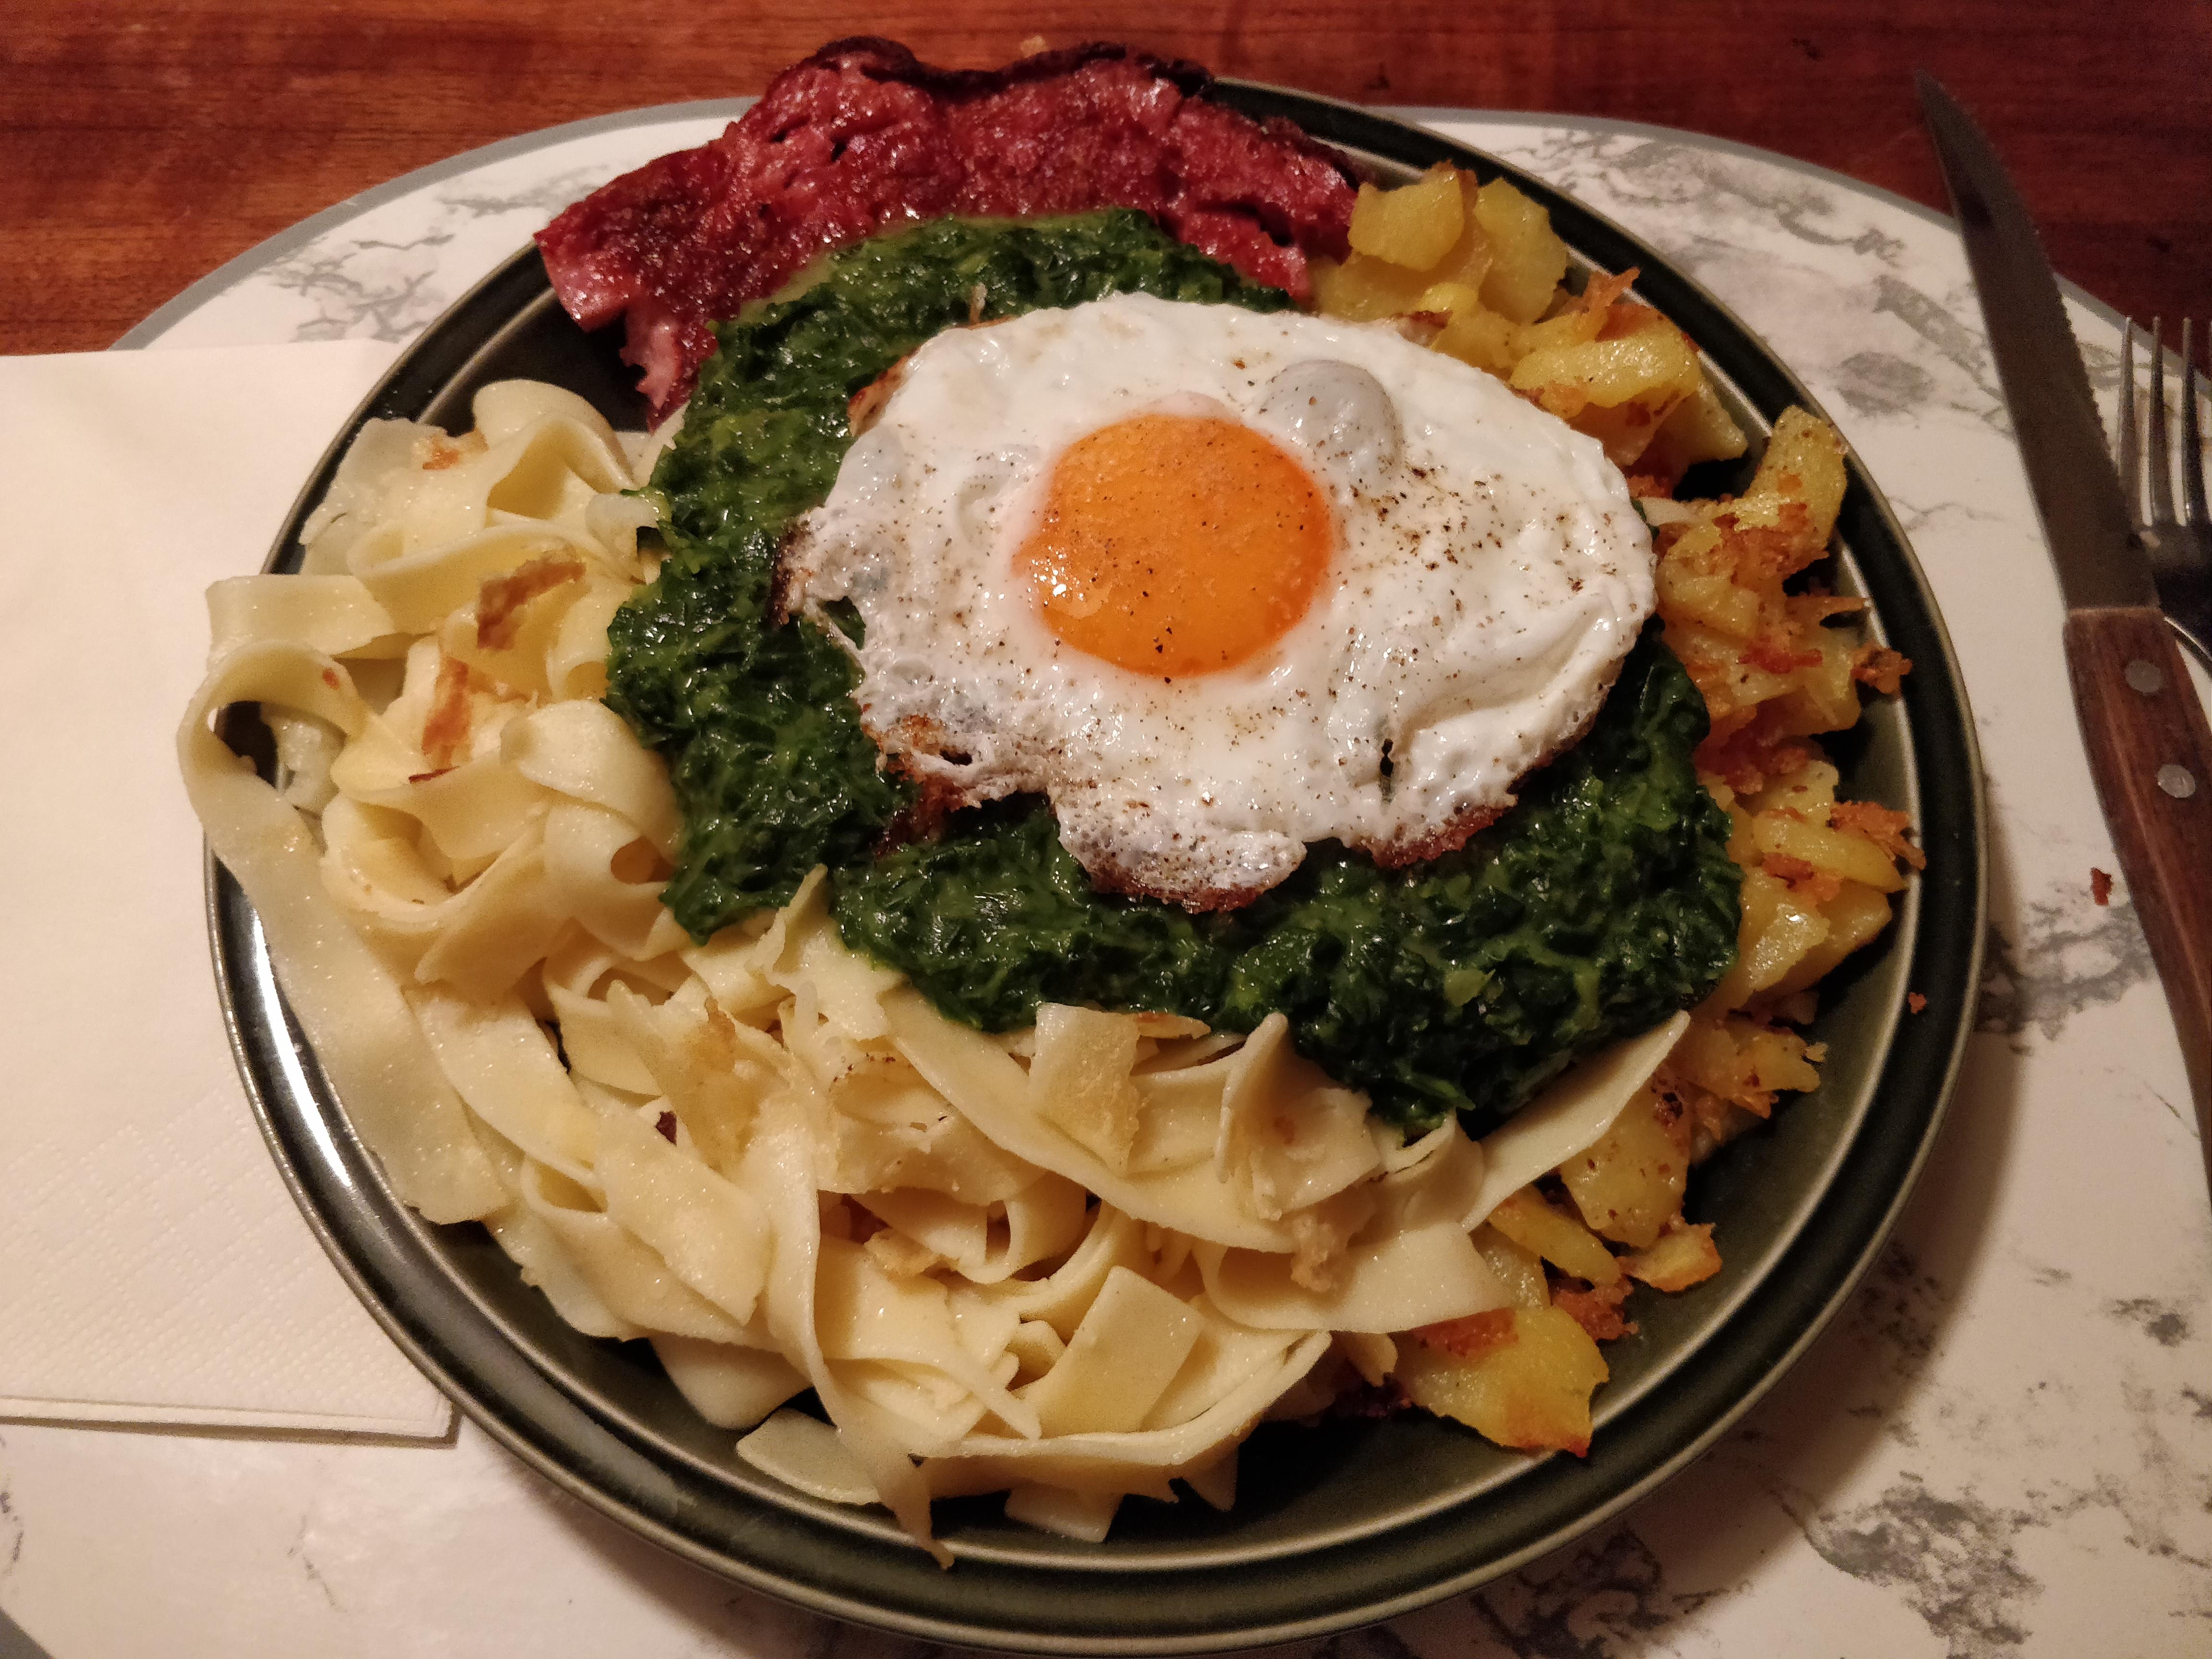 https://foodloader.net/nico_2018-12-05_fleischkaese-spinat-bratkartoffeln-nudeln-spiegelei.jpg